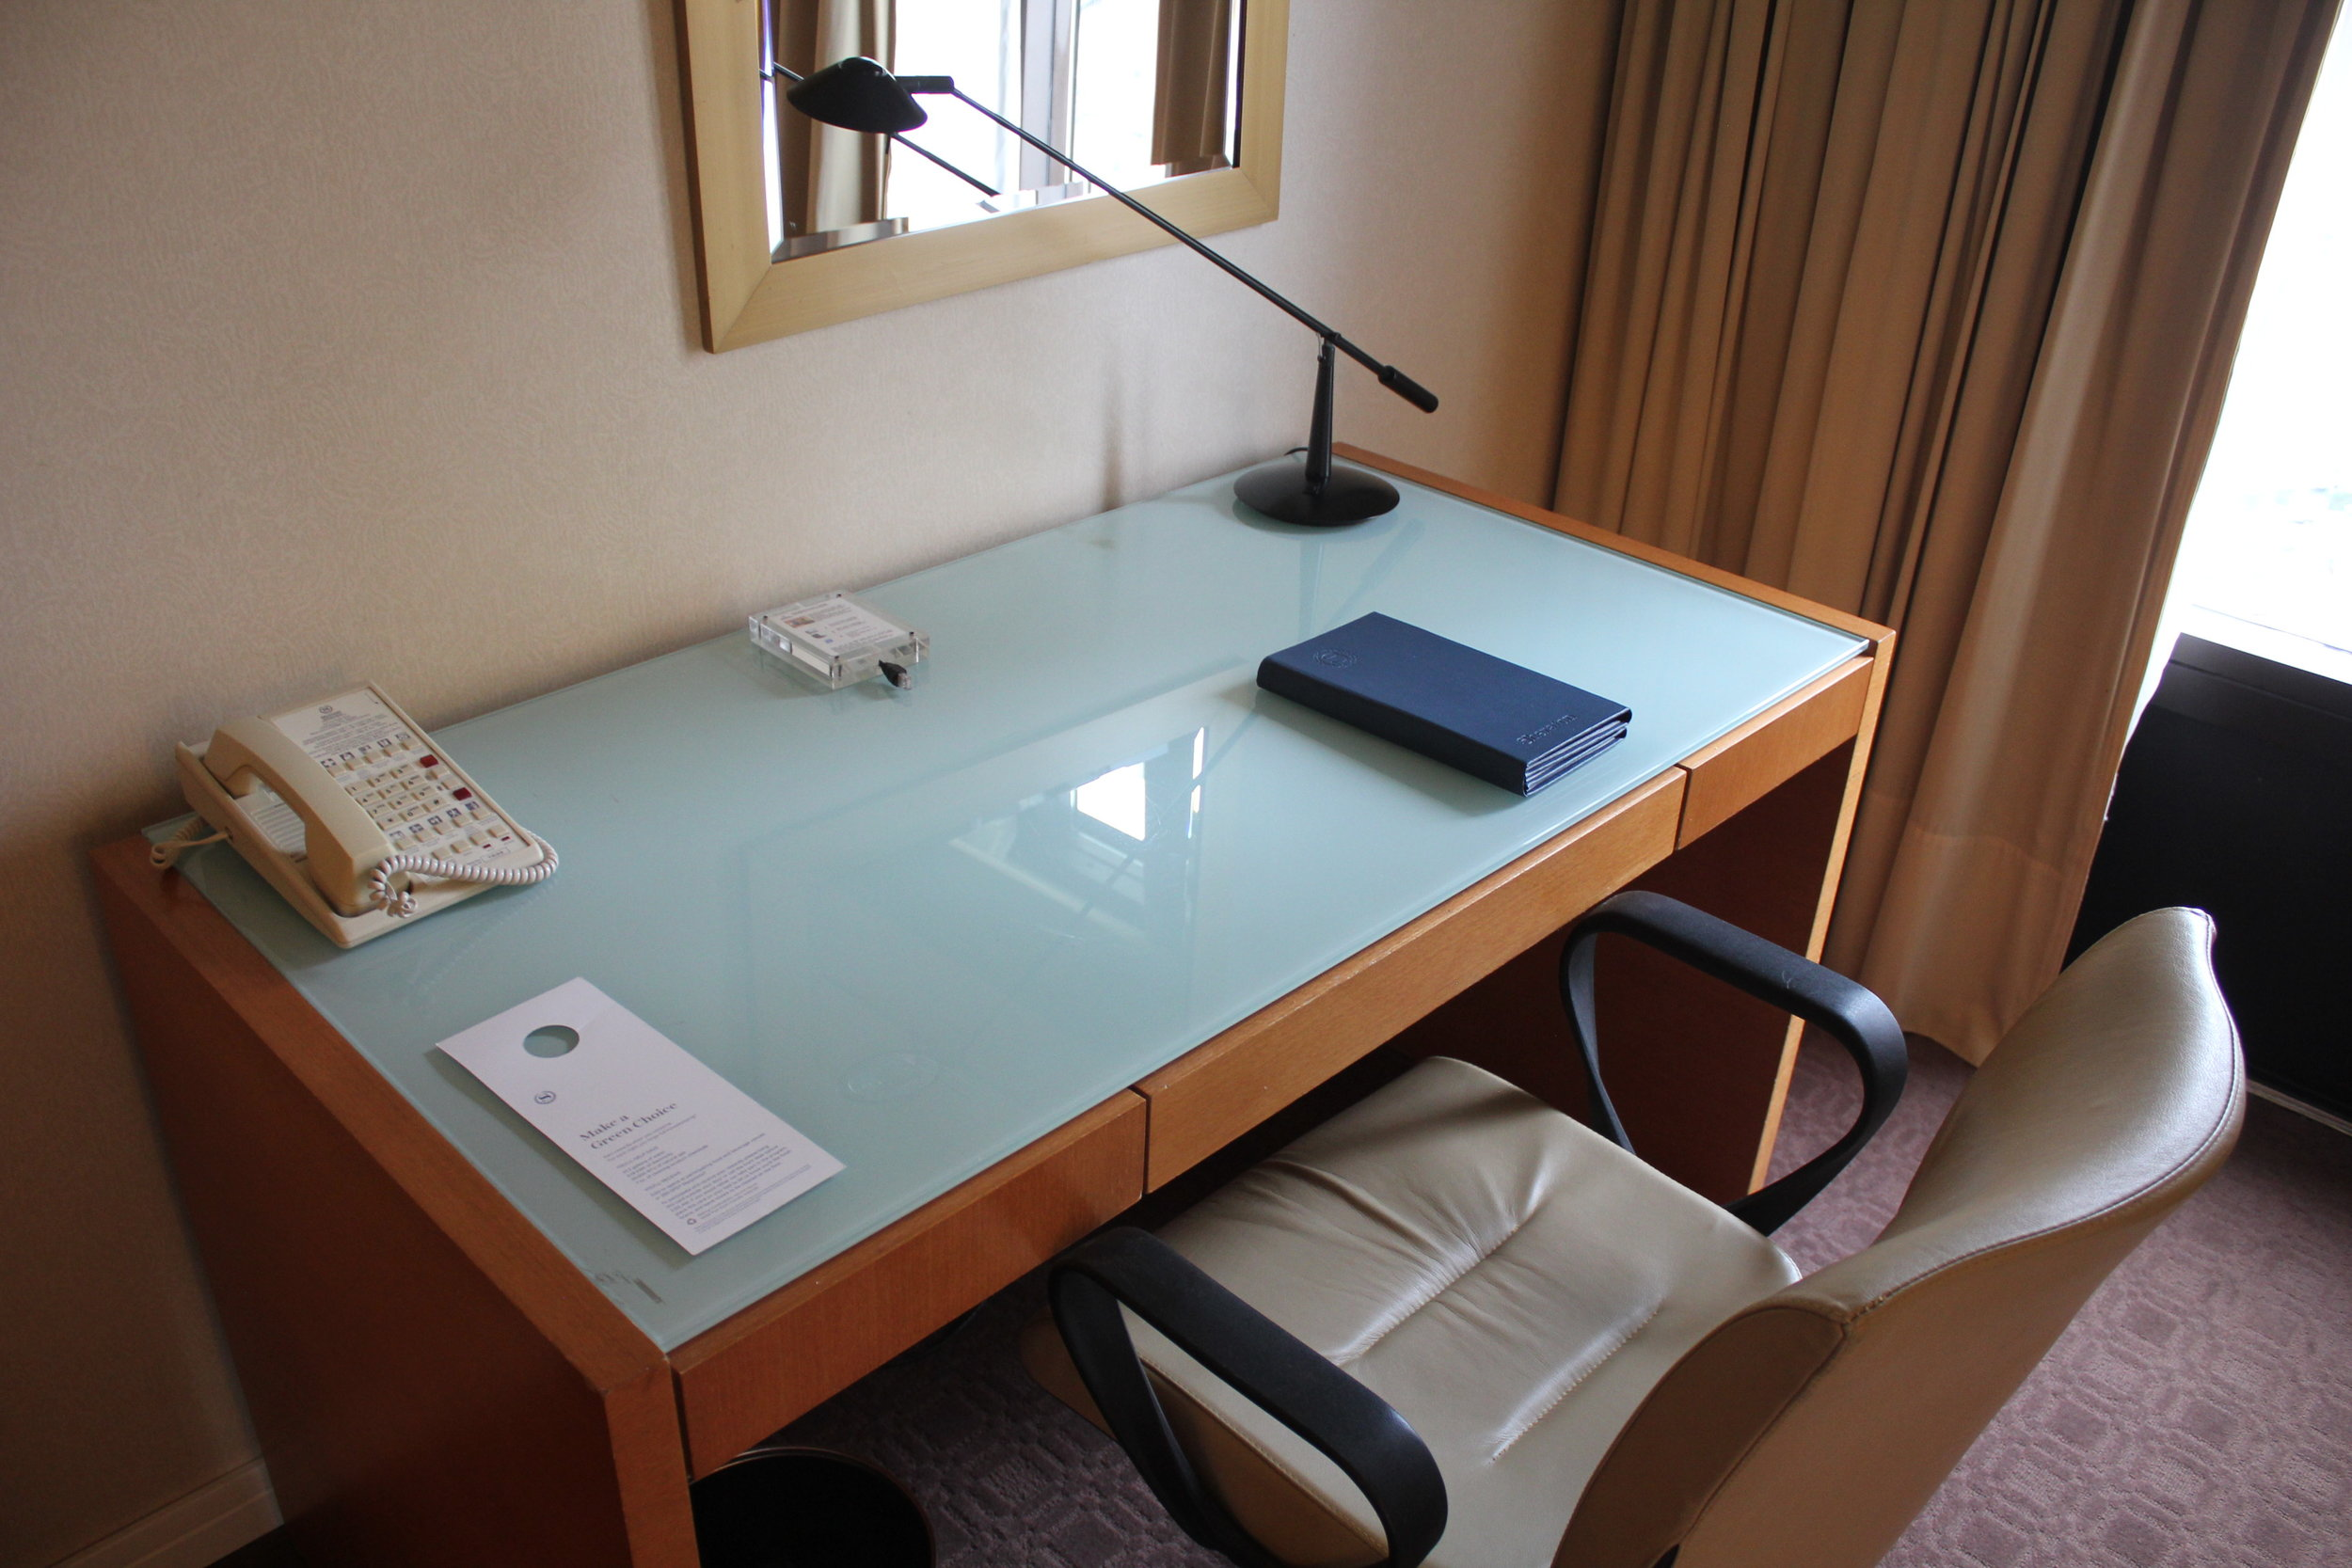 Sheraton Buenos Aires – Desk